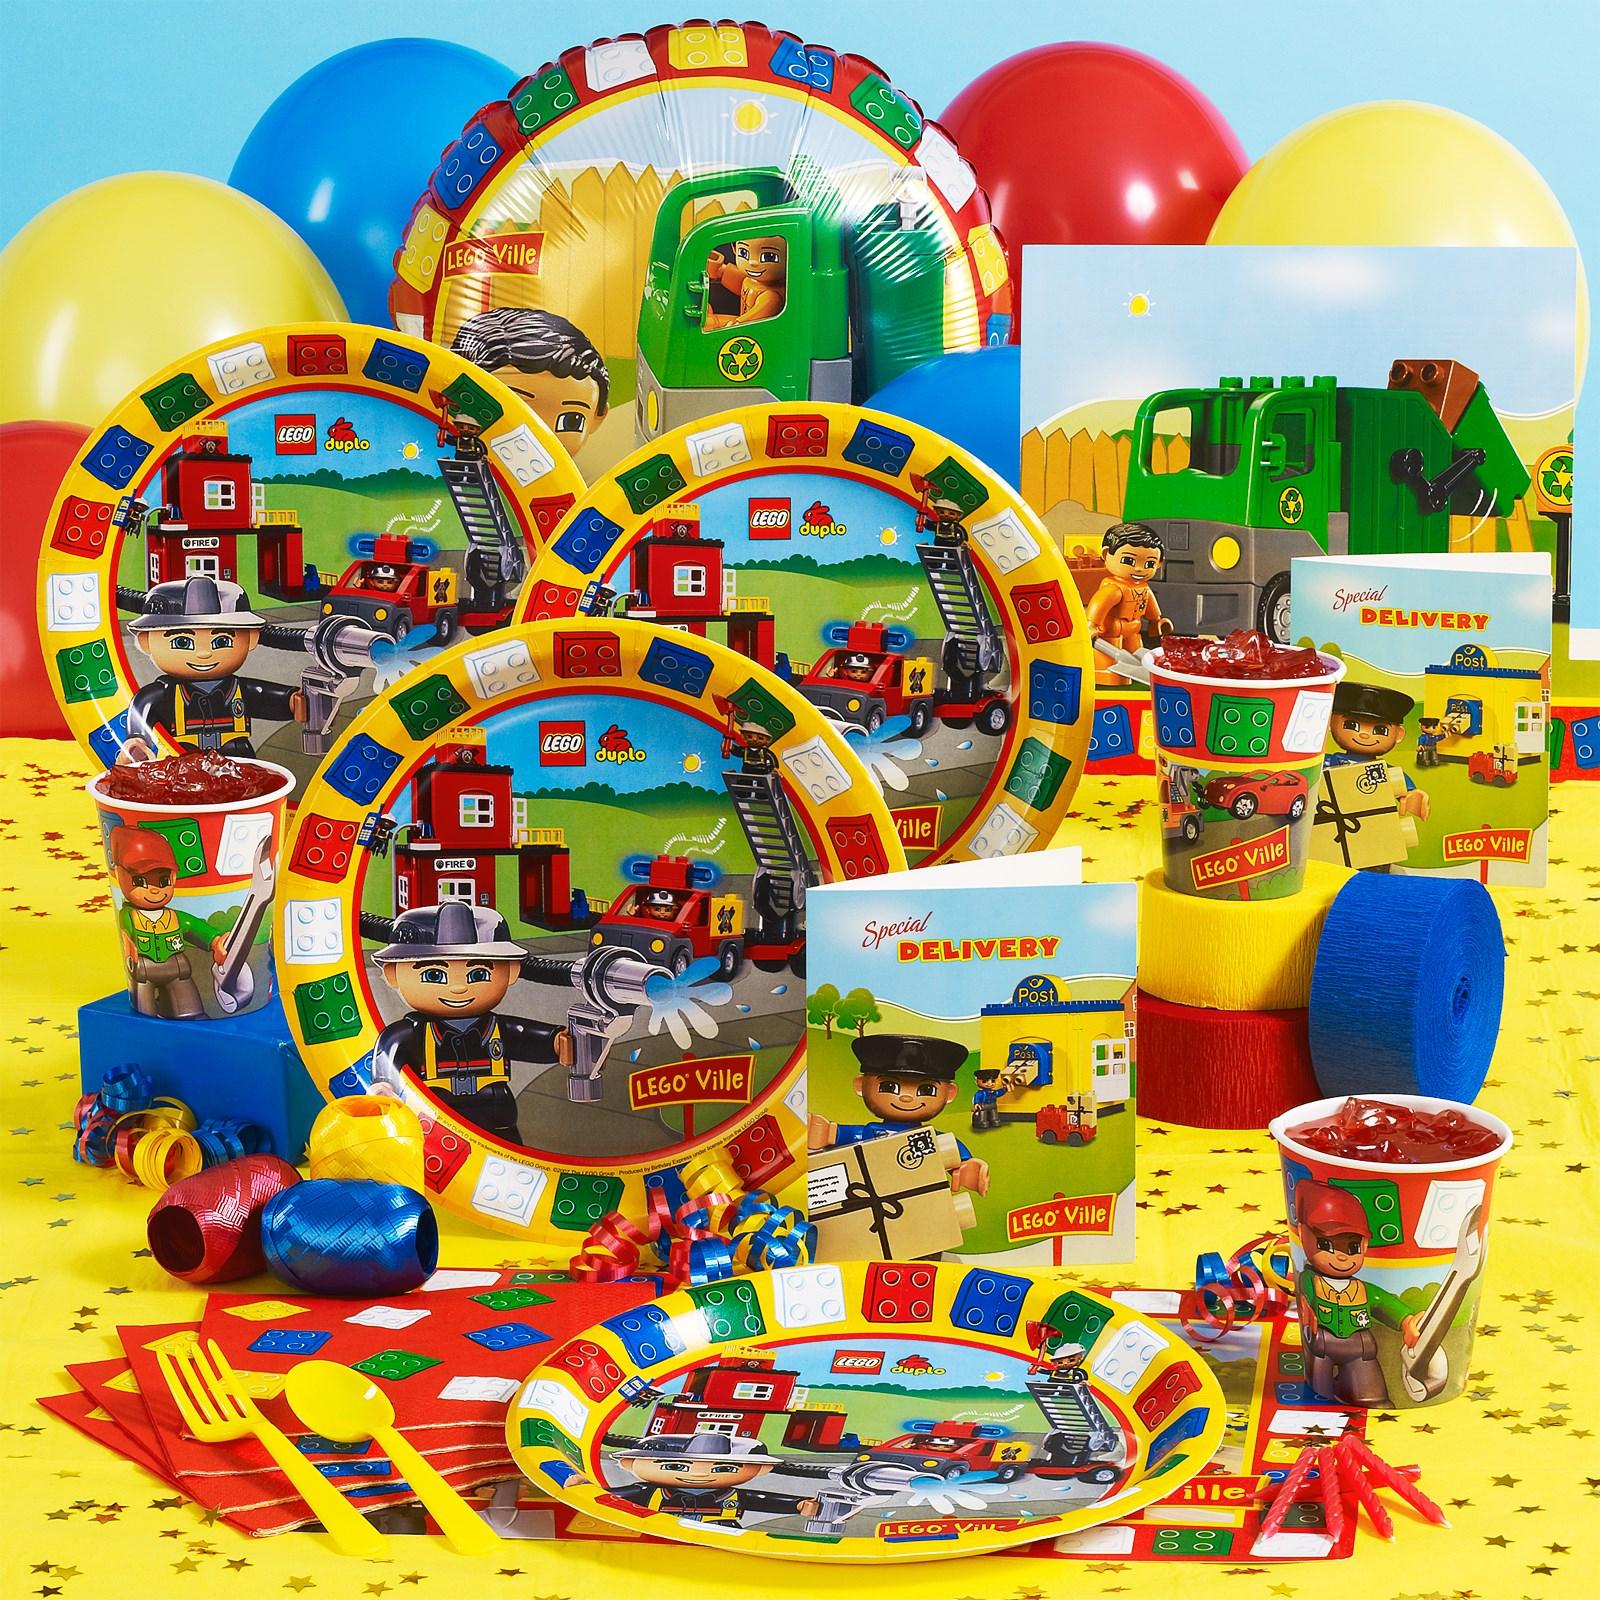 LEGO Ville Party Supplies BirthdayExpresscom